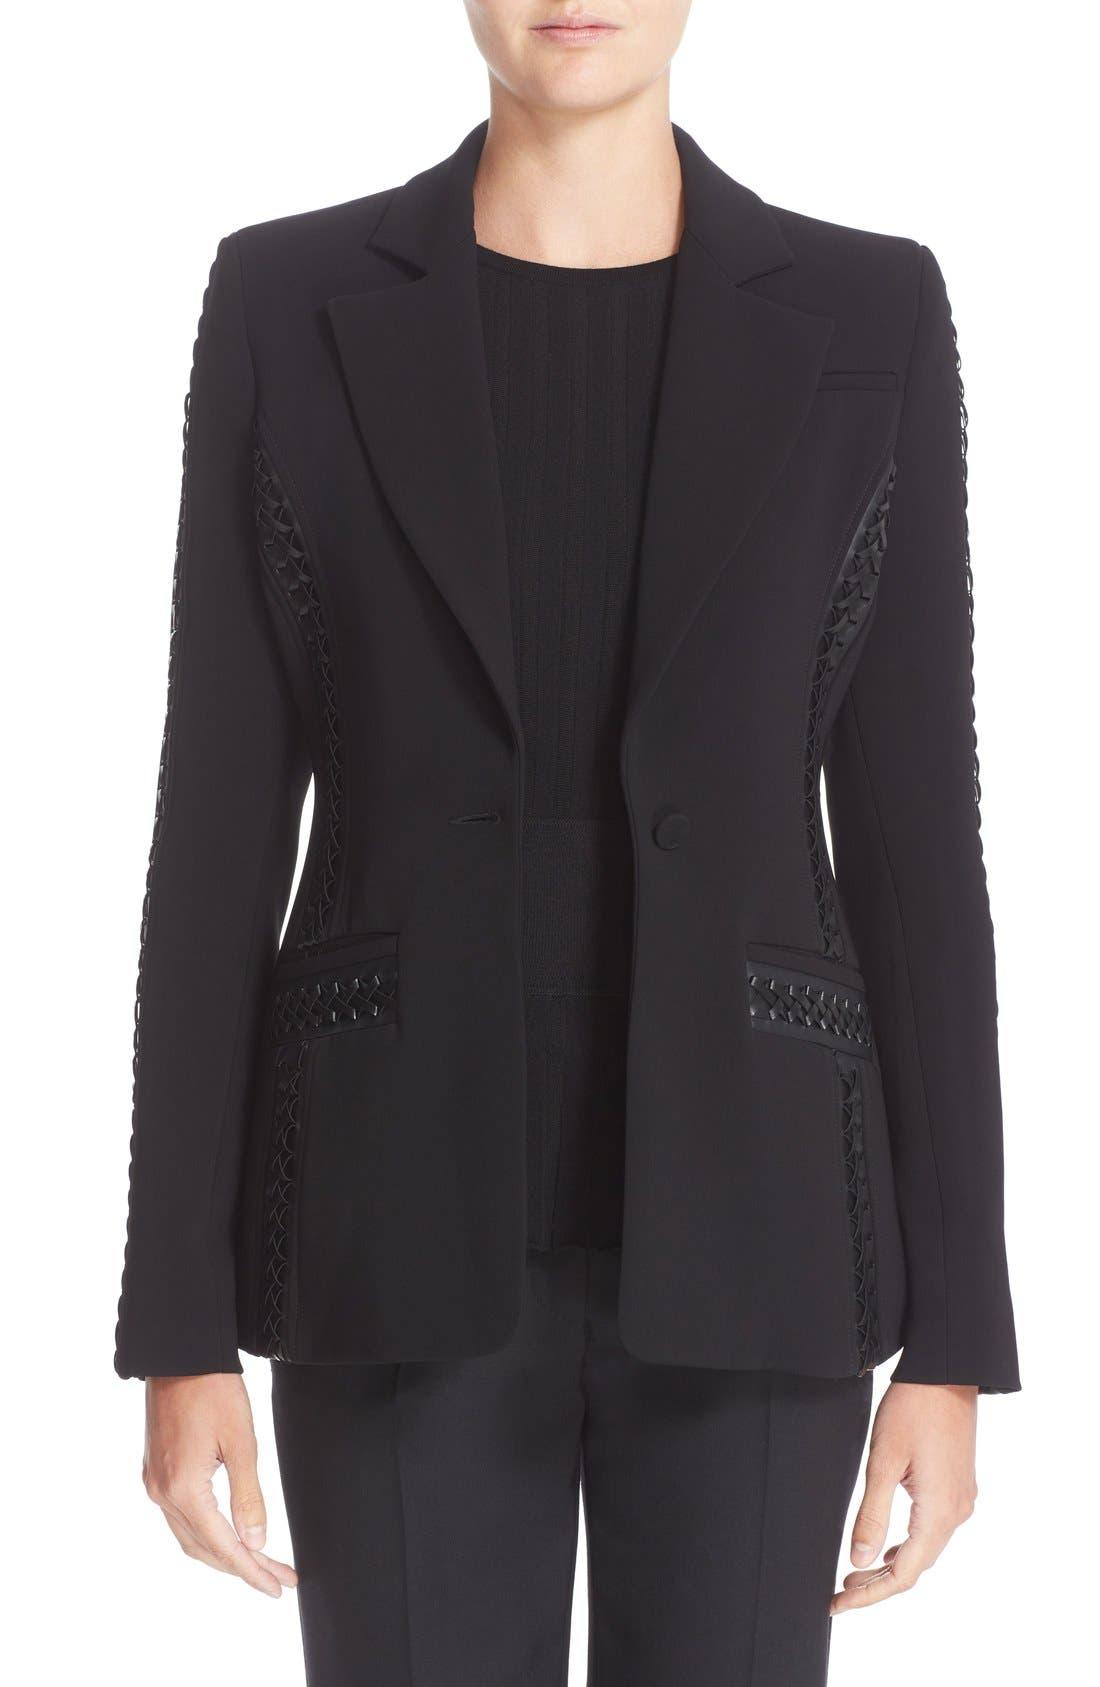 Acacia Lace Detail Jacket,                         Main,                         color, Black